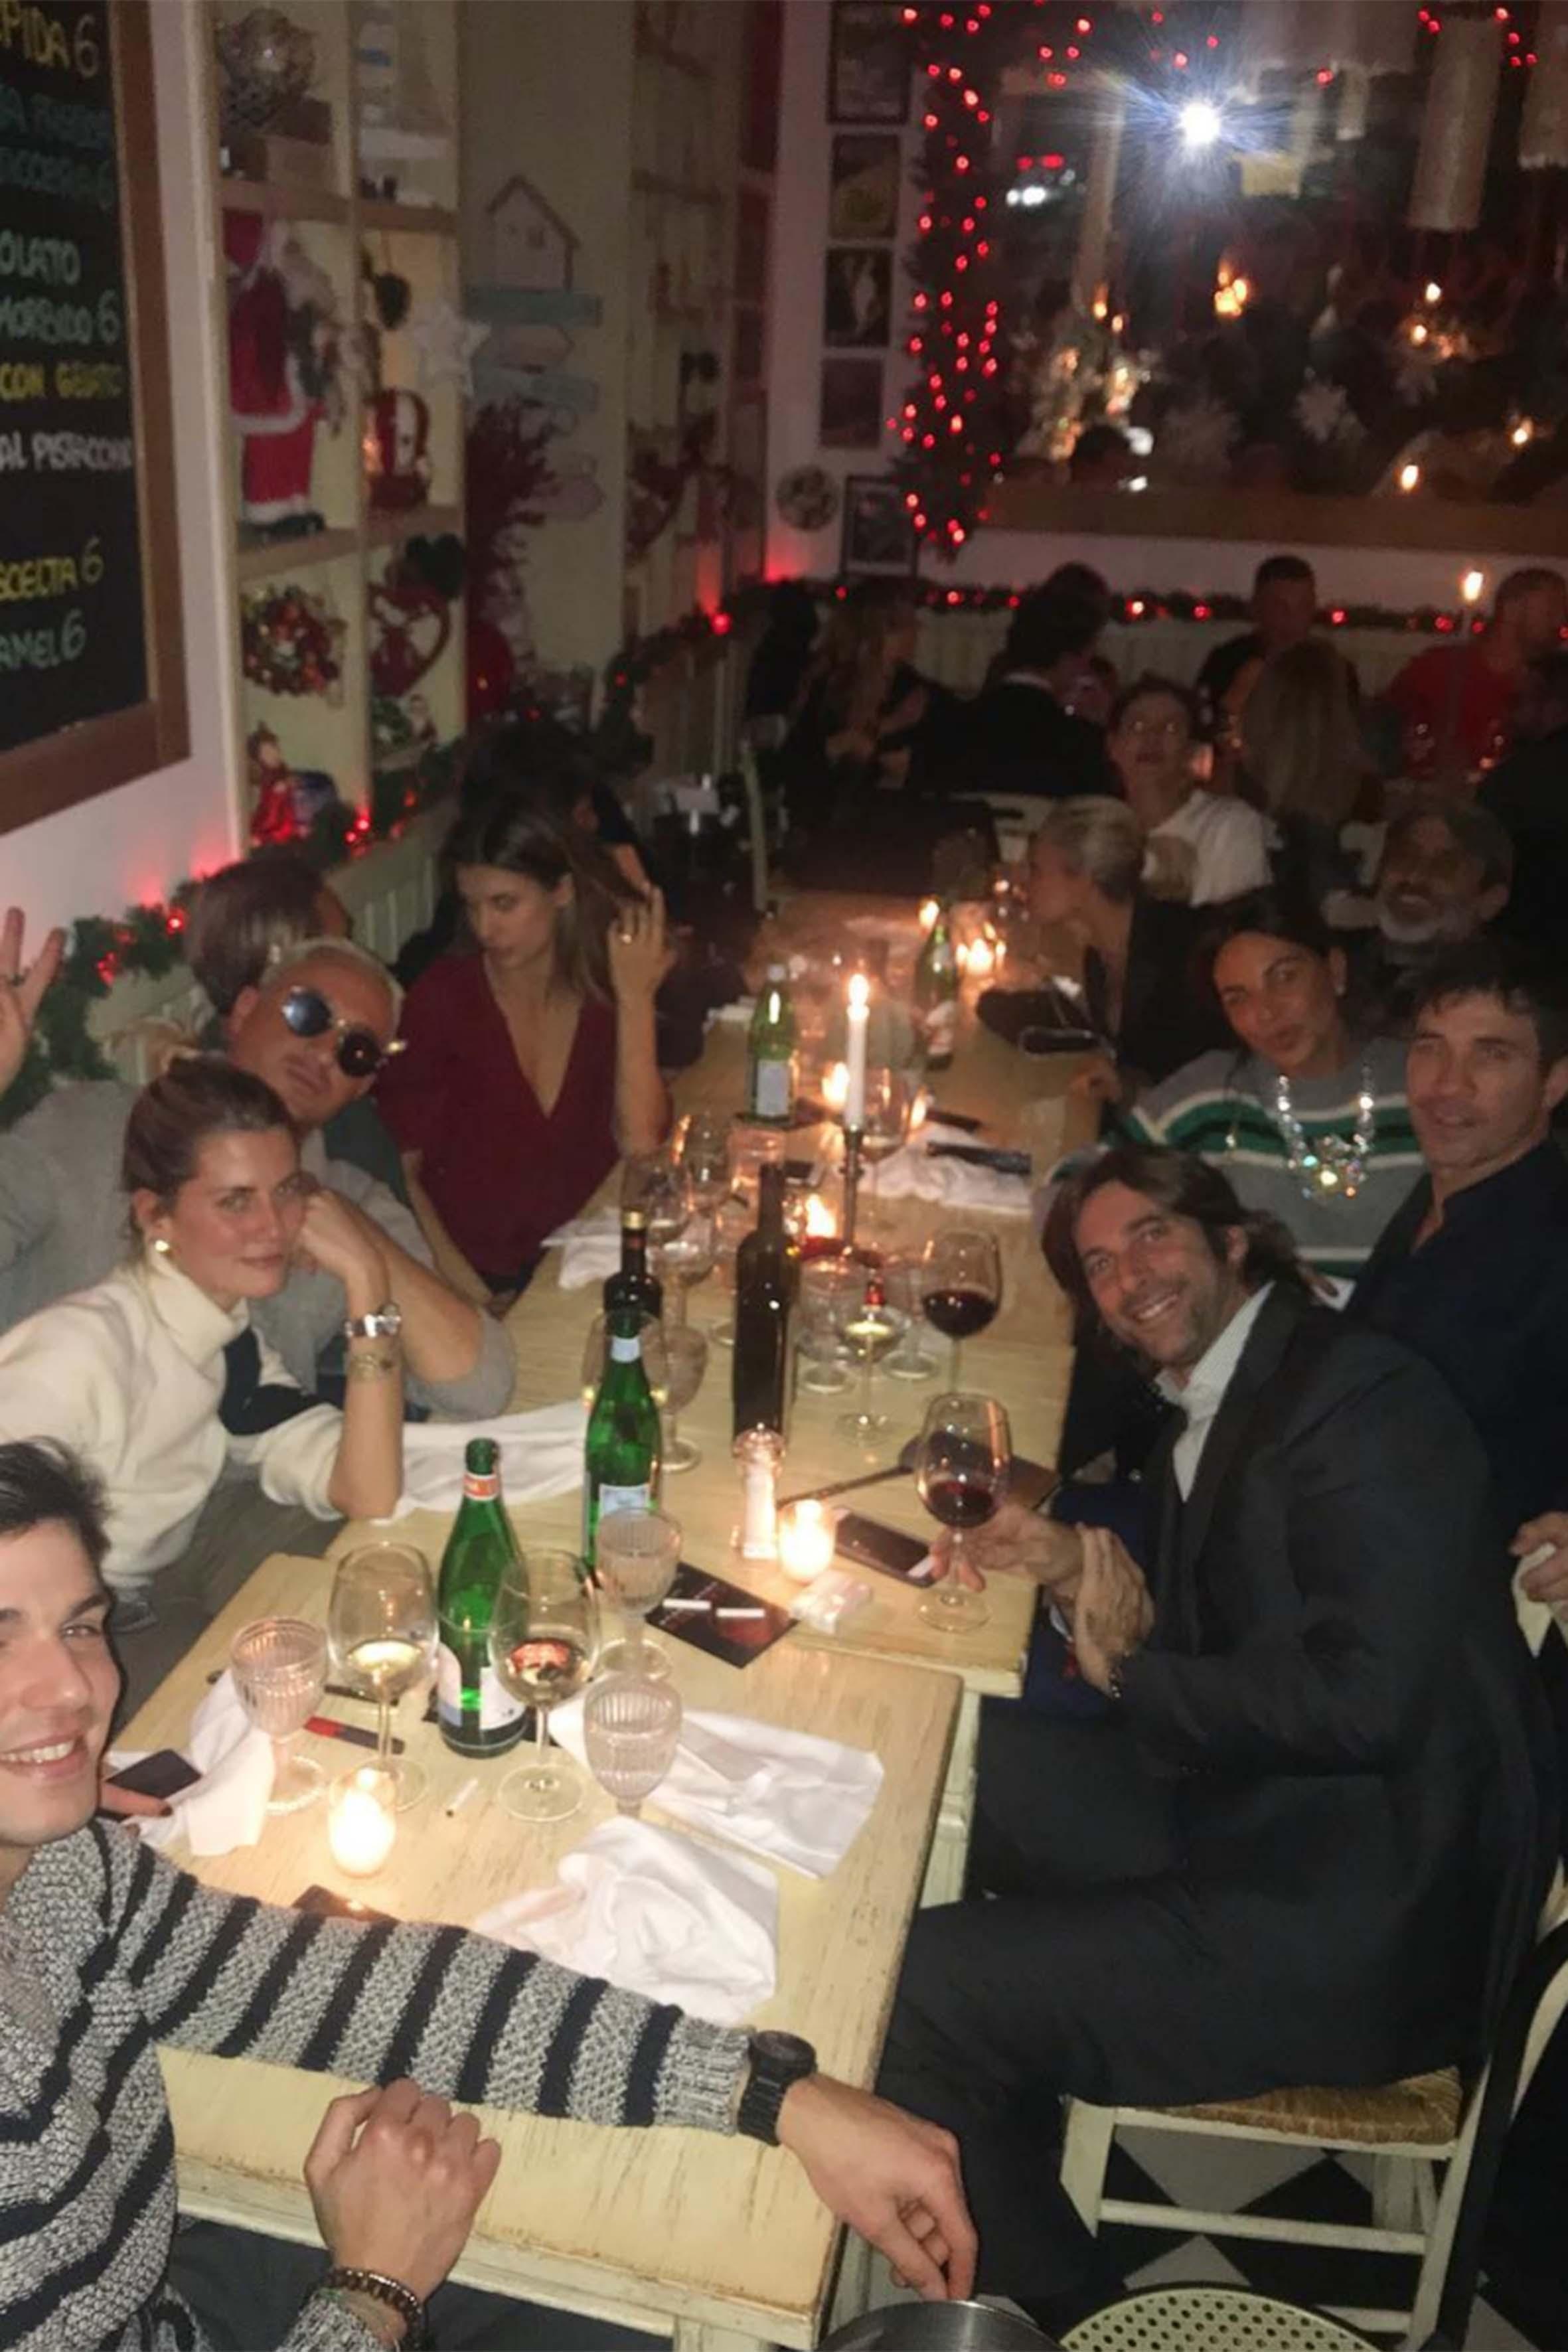 Questa foto postata ieri da alcuni dei presenti durante una cena al ristorante Petit di Milano, mostra Paola Barale e Raz Degan vicini. Sono seduti in fondo, sulla destra: Paola chiacchiera con qualcuno davanti a lei mentre Raz, al suo fianco, sorride all'obiettivo. Al centro della tavolata, uno di fronte all'altra, vediamo anche Elisabetta Canalis e il marito Brian Perri